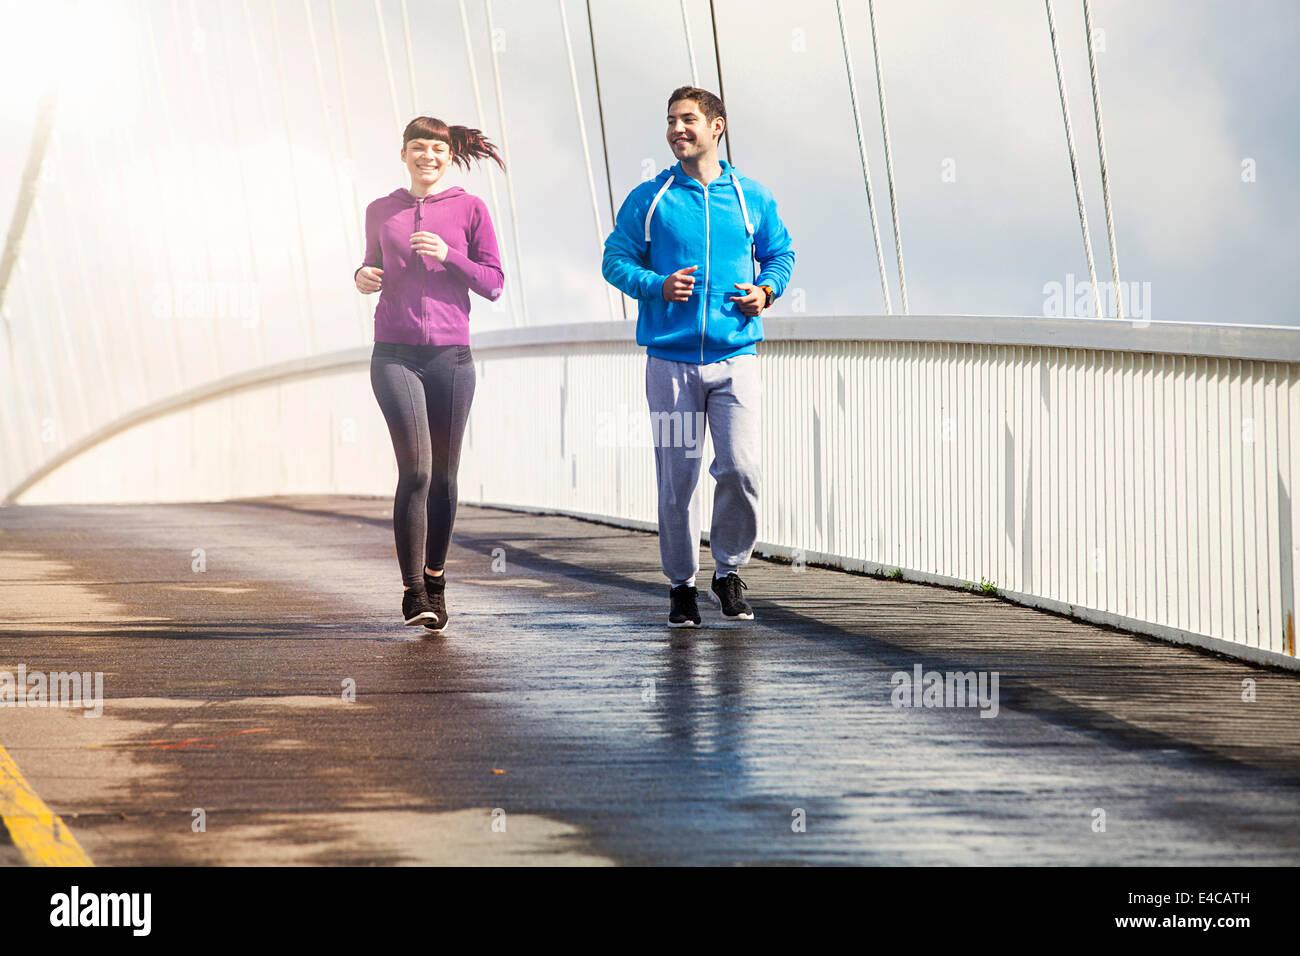 Pareja joven girando en el puente, en Osijek, Croacia Imagen De Stock